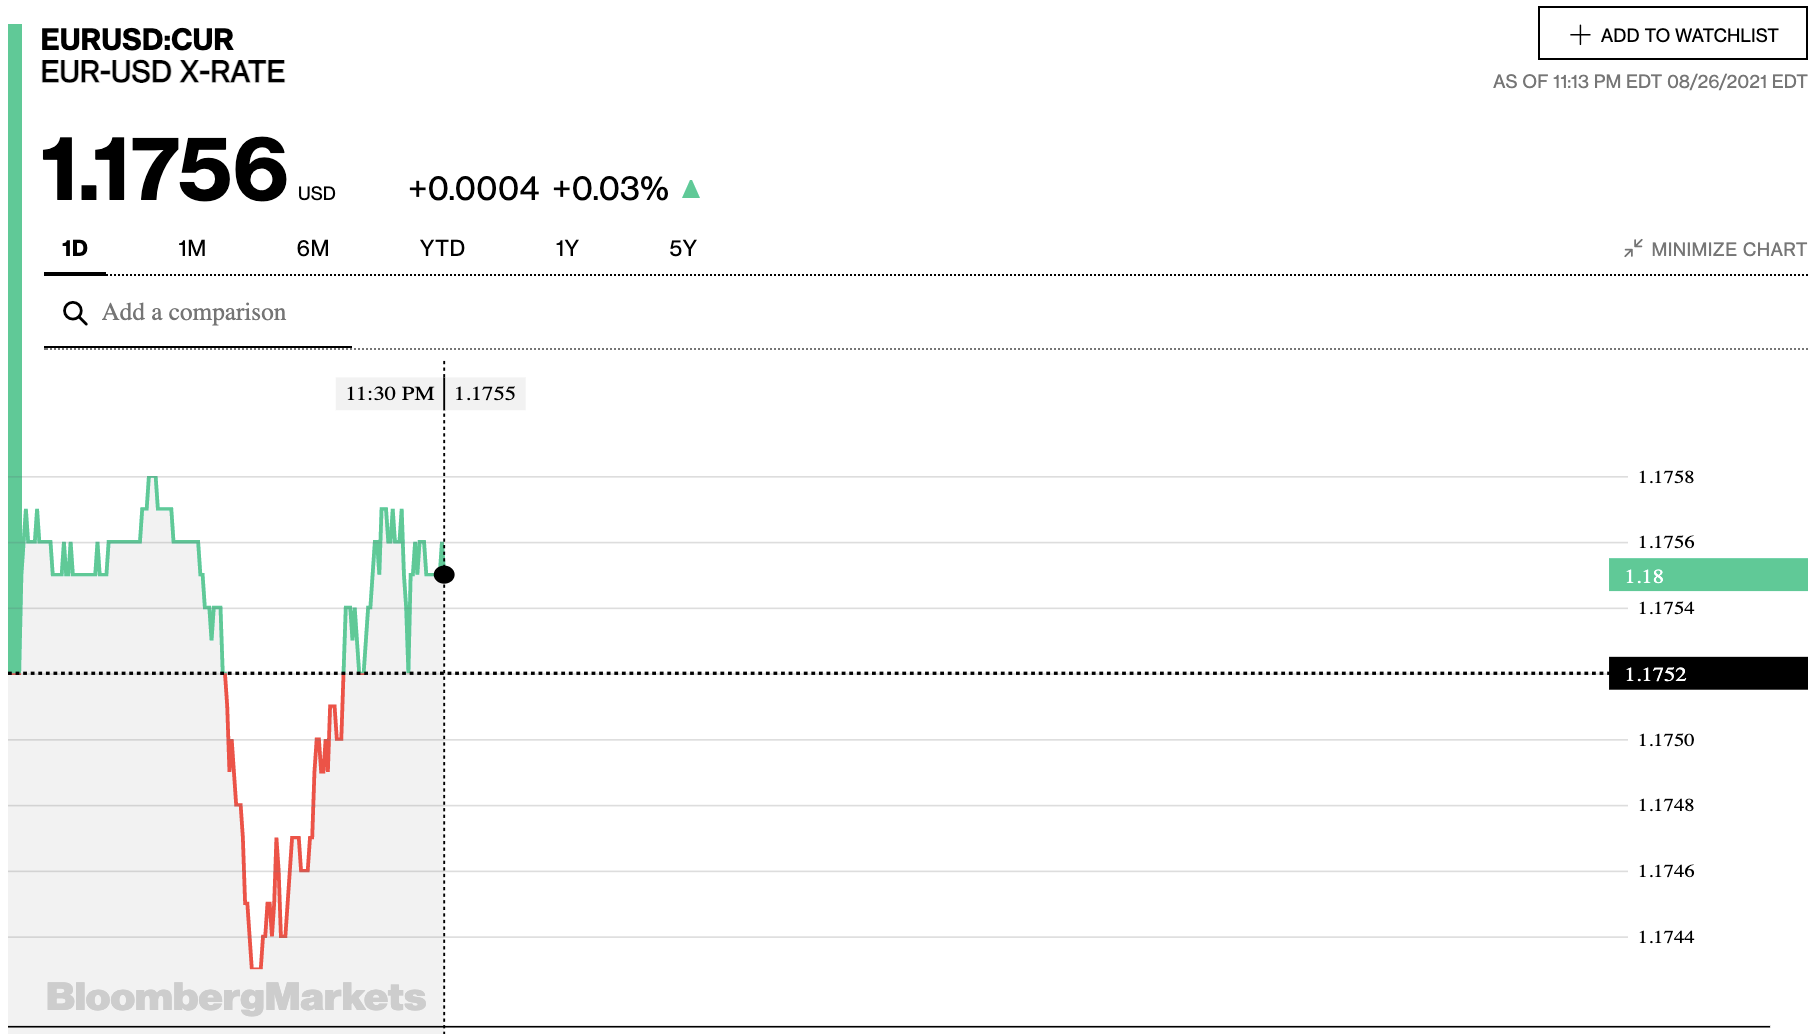 Tỷ giá euro hôm nay 27/8: Các ngân hàng lại quay đầu giảm đồng loạt - Ảnh 2.